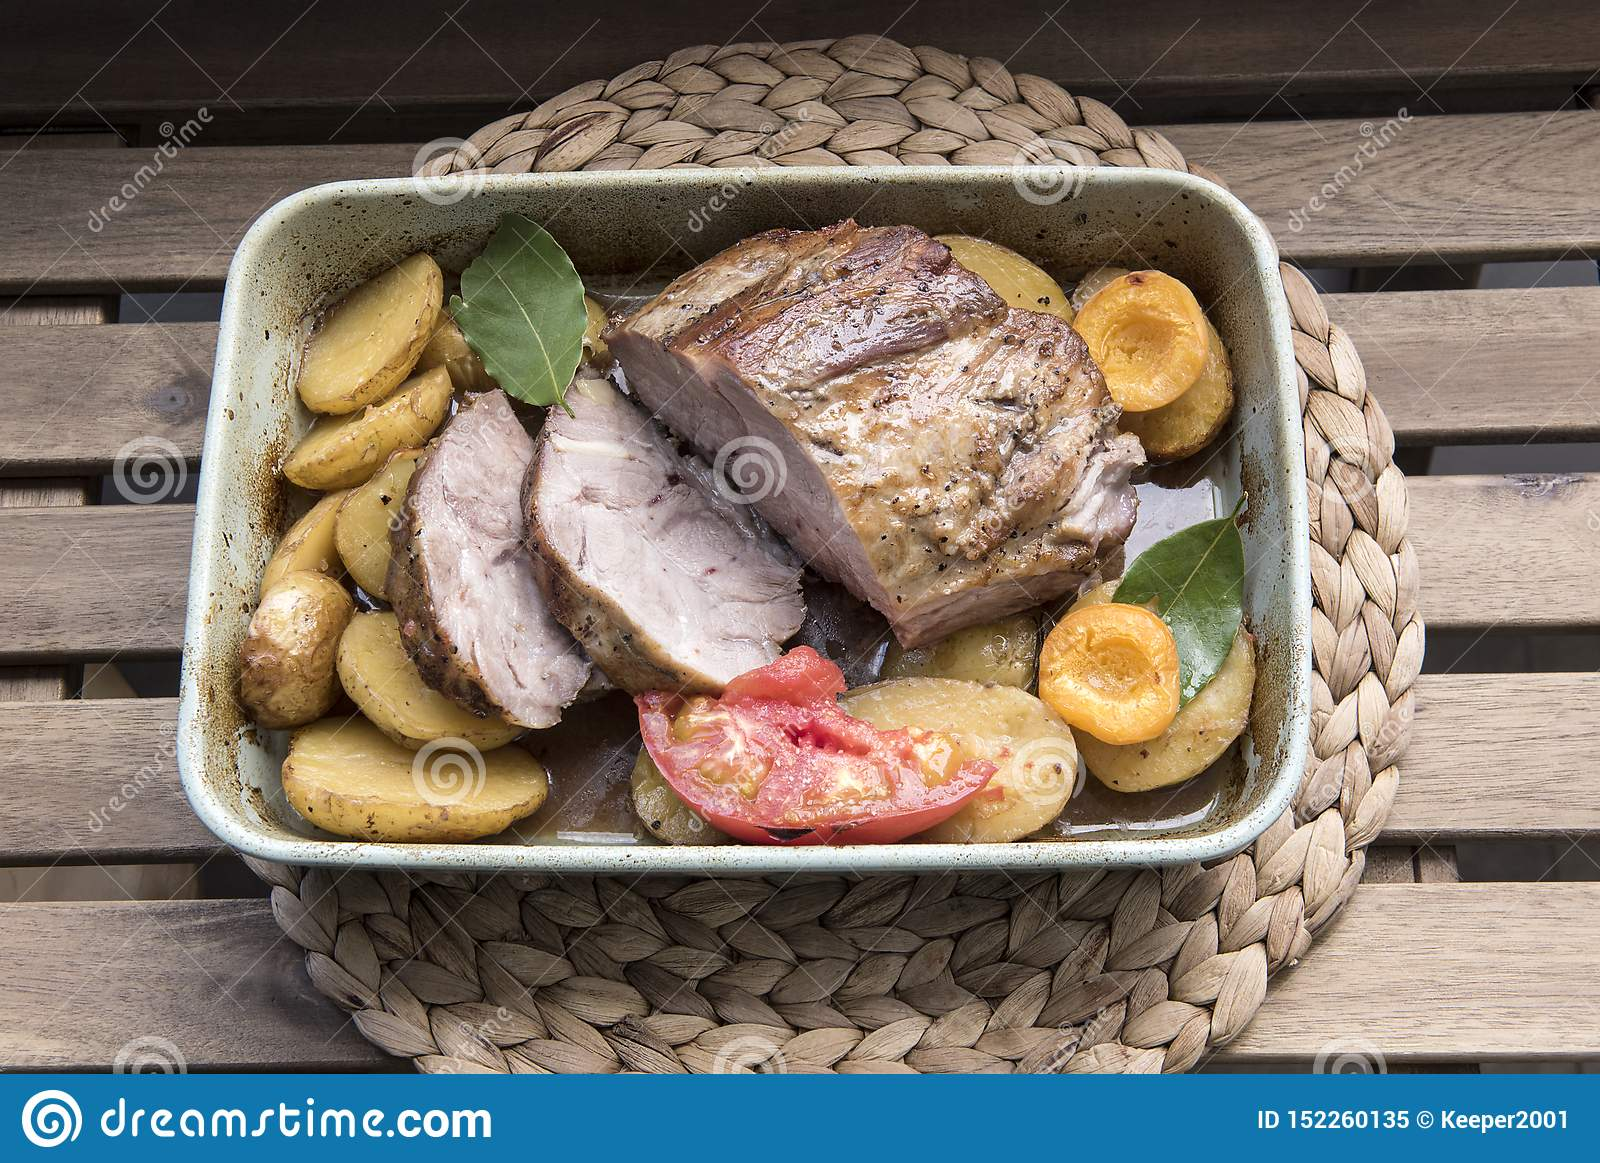 Gekookt vlees met groenten en vruchten op een schotel